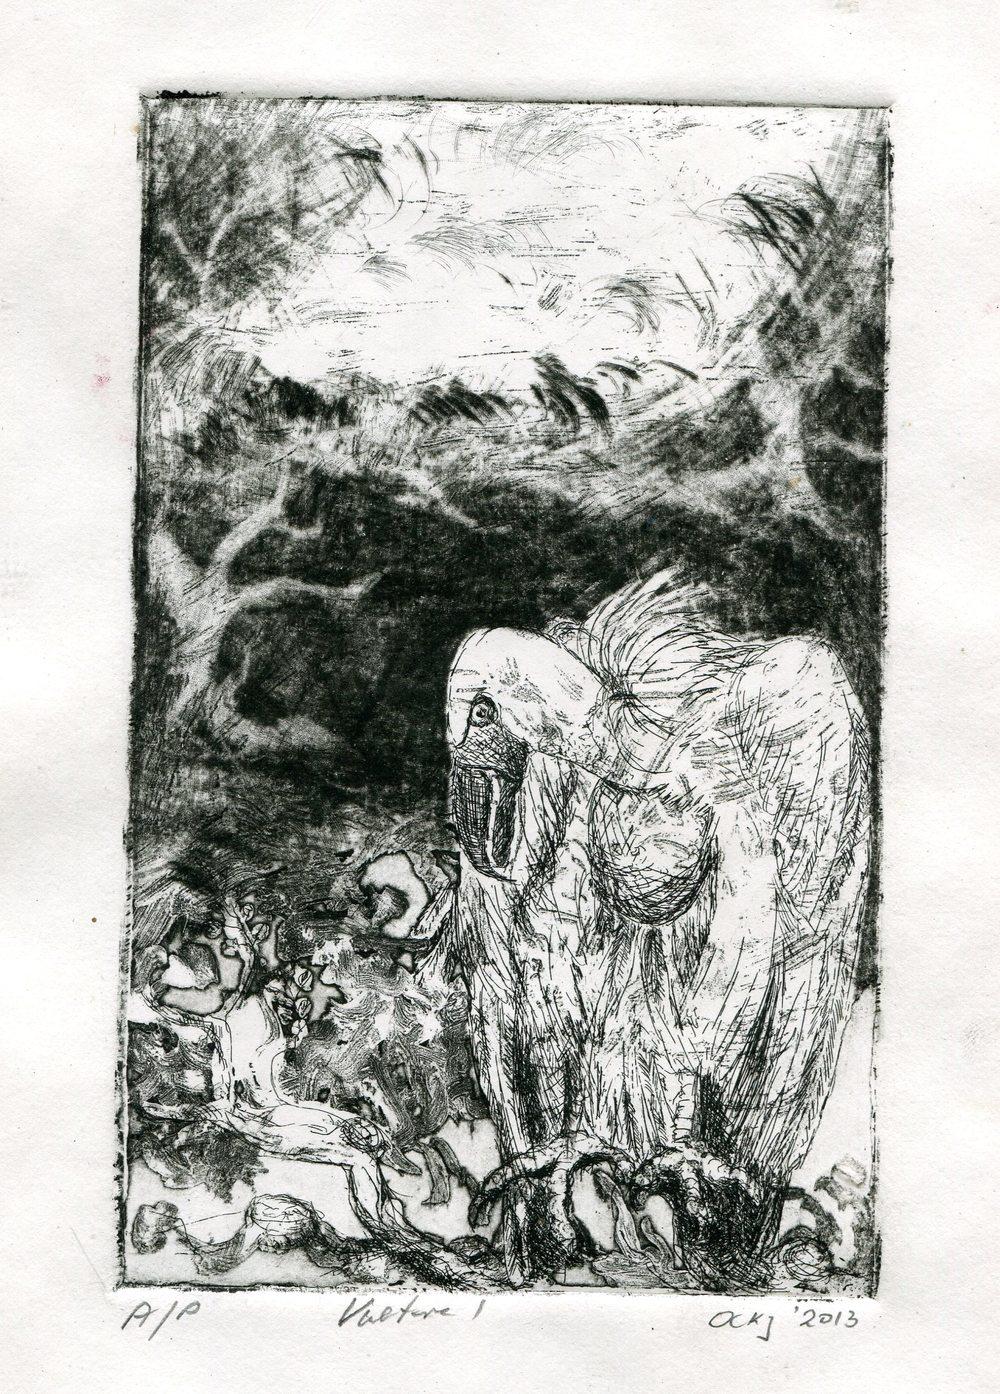 63a Kruger, Ockert- Vulture 1, Etching.jpg